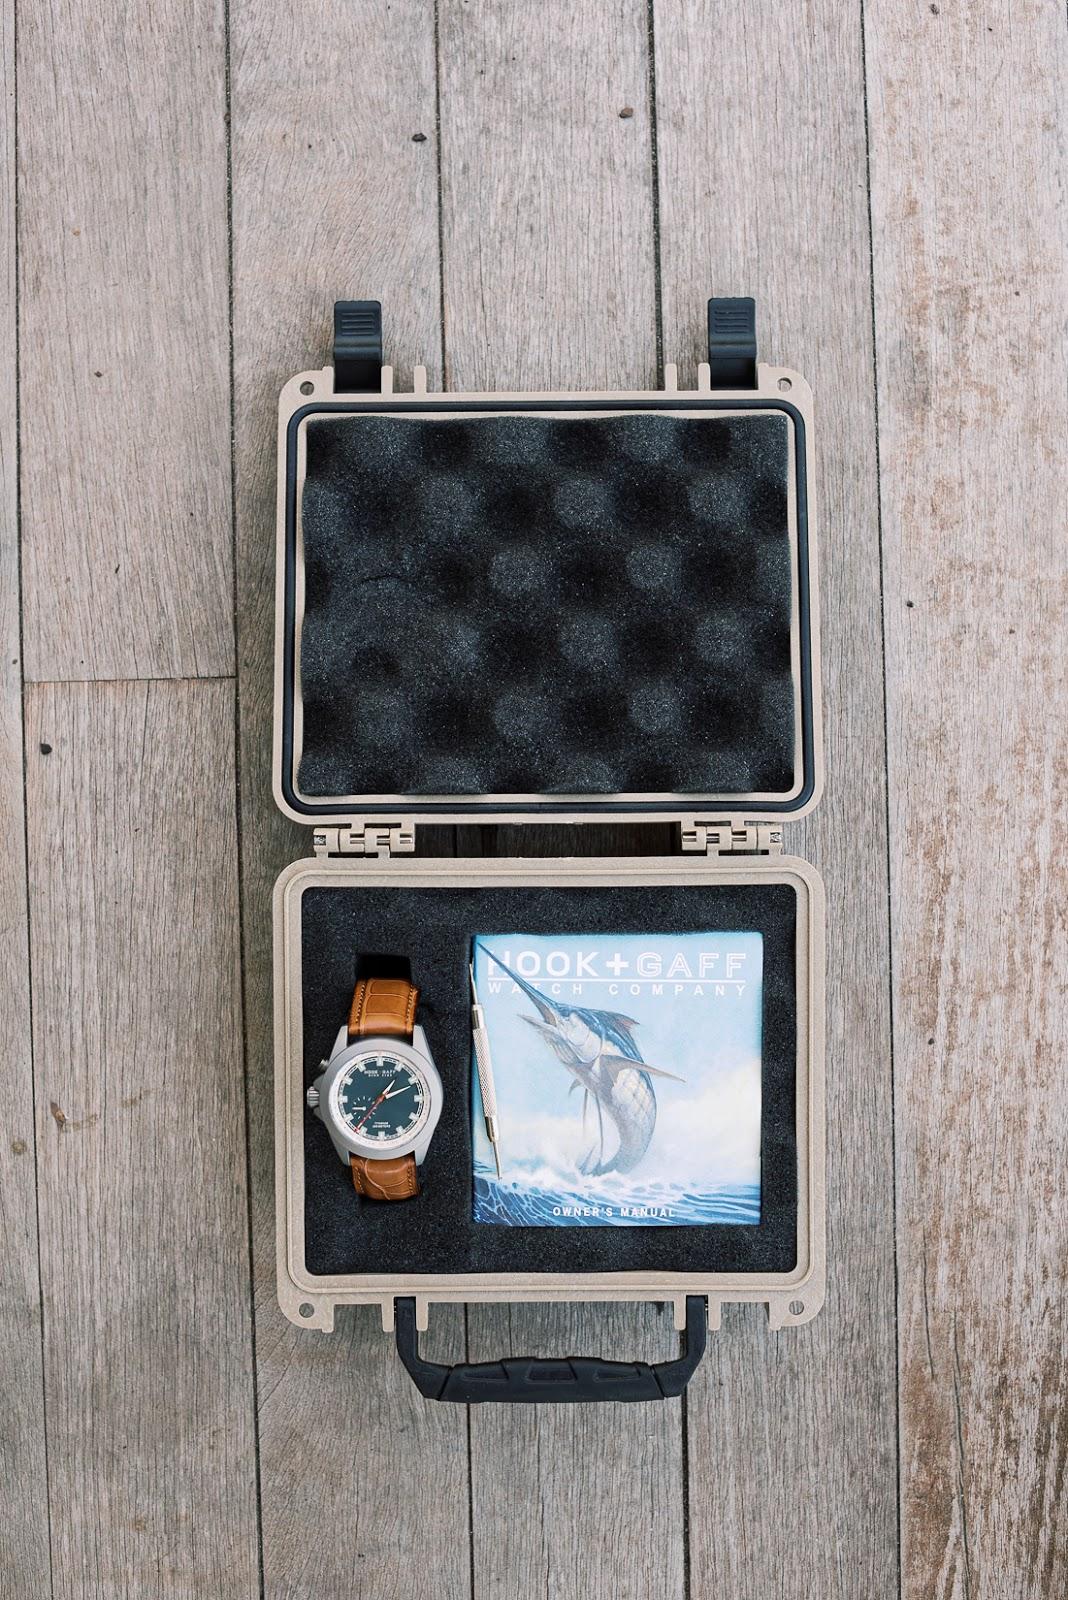 Hook & Gaff Watch Company - Chasing Cinderella